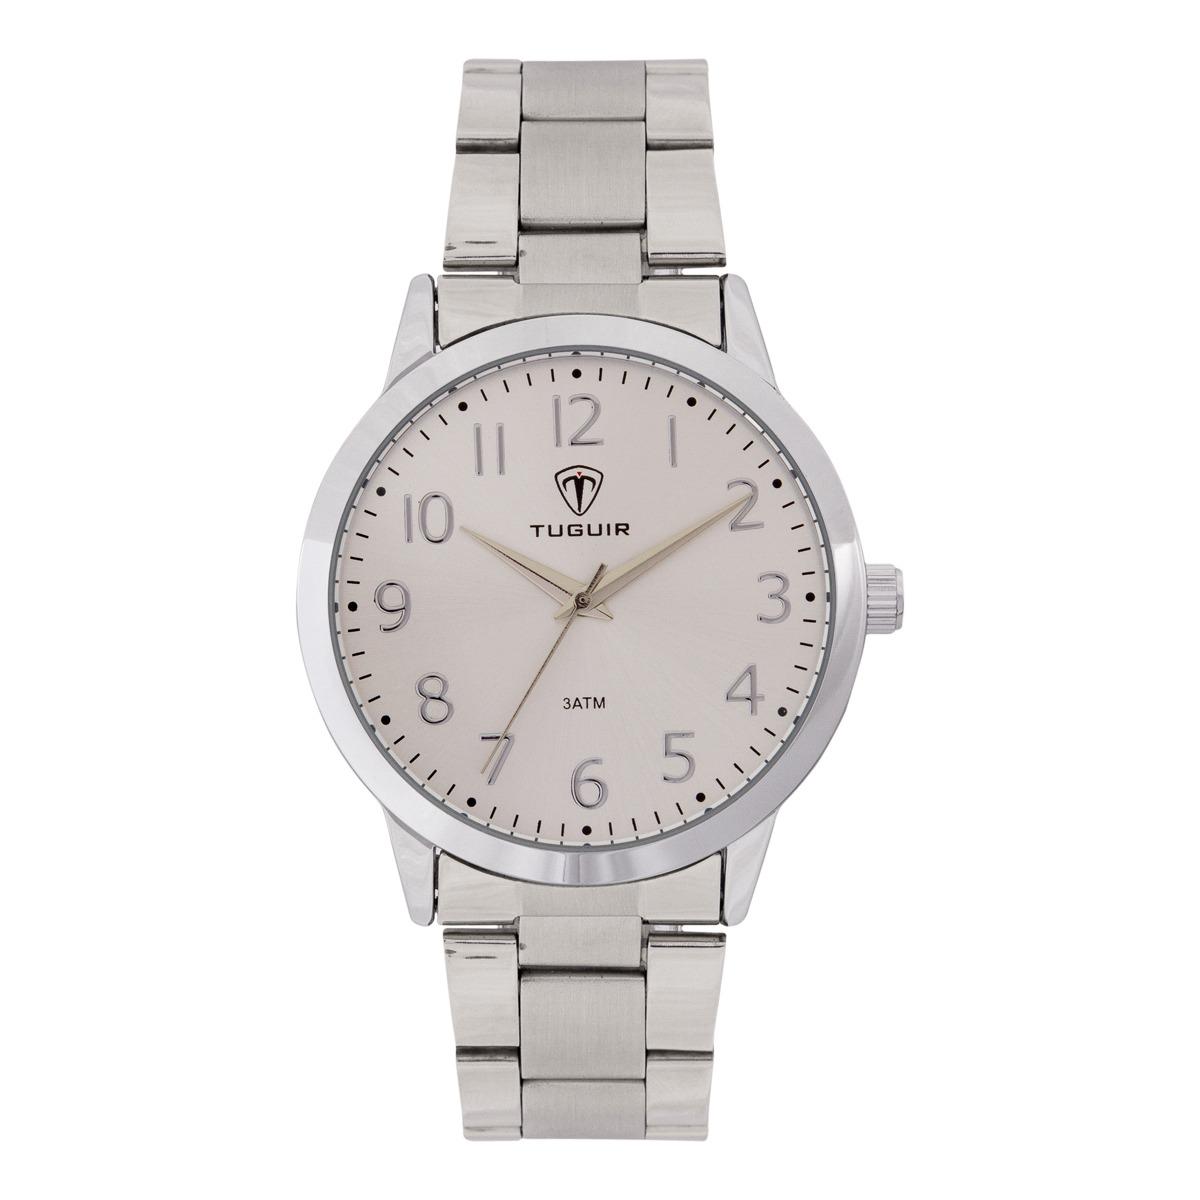 Relógio Feminino Tuguir Analógico TG116 – Prata ****